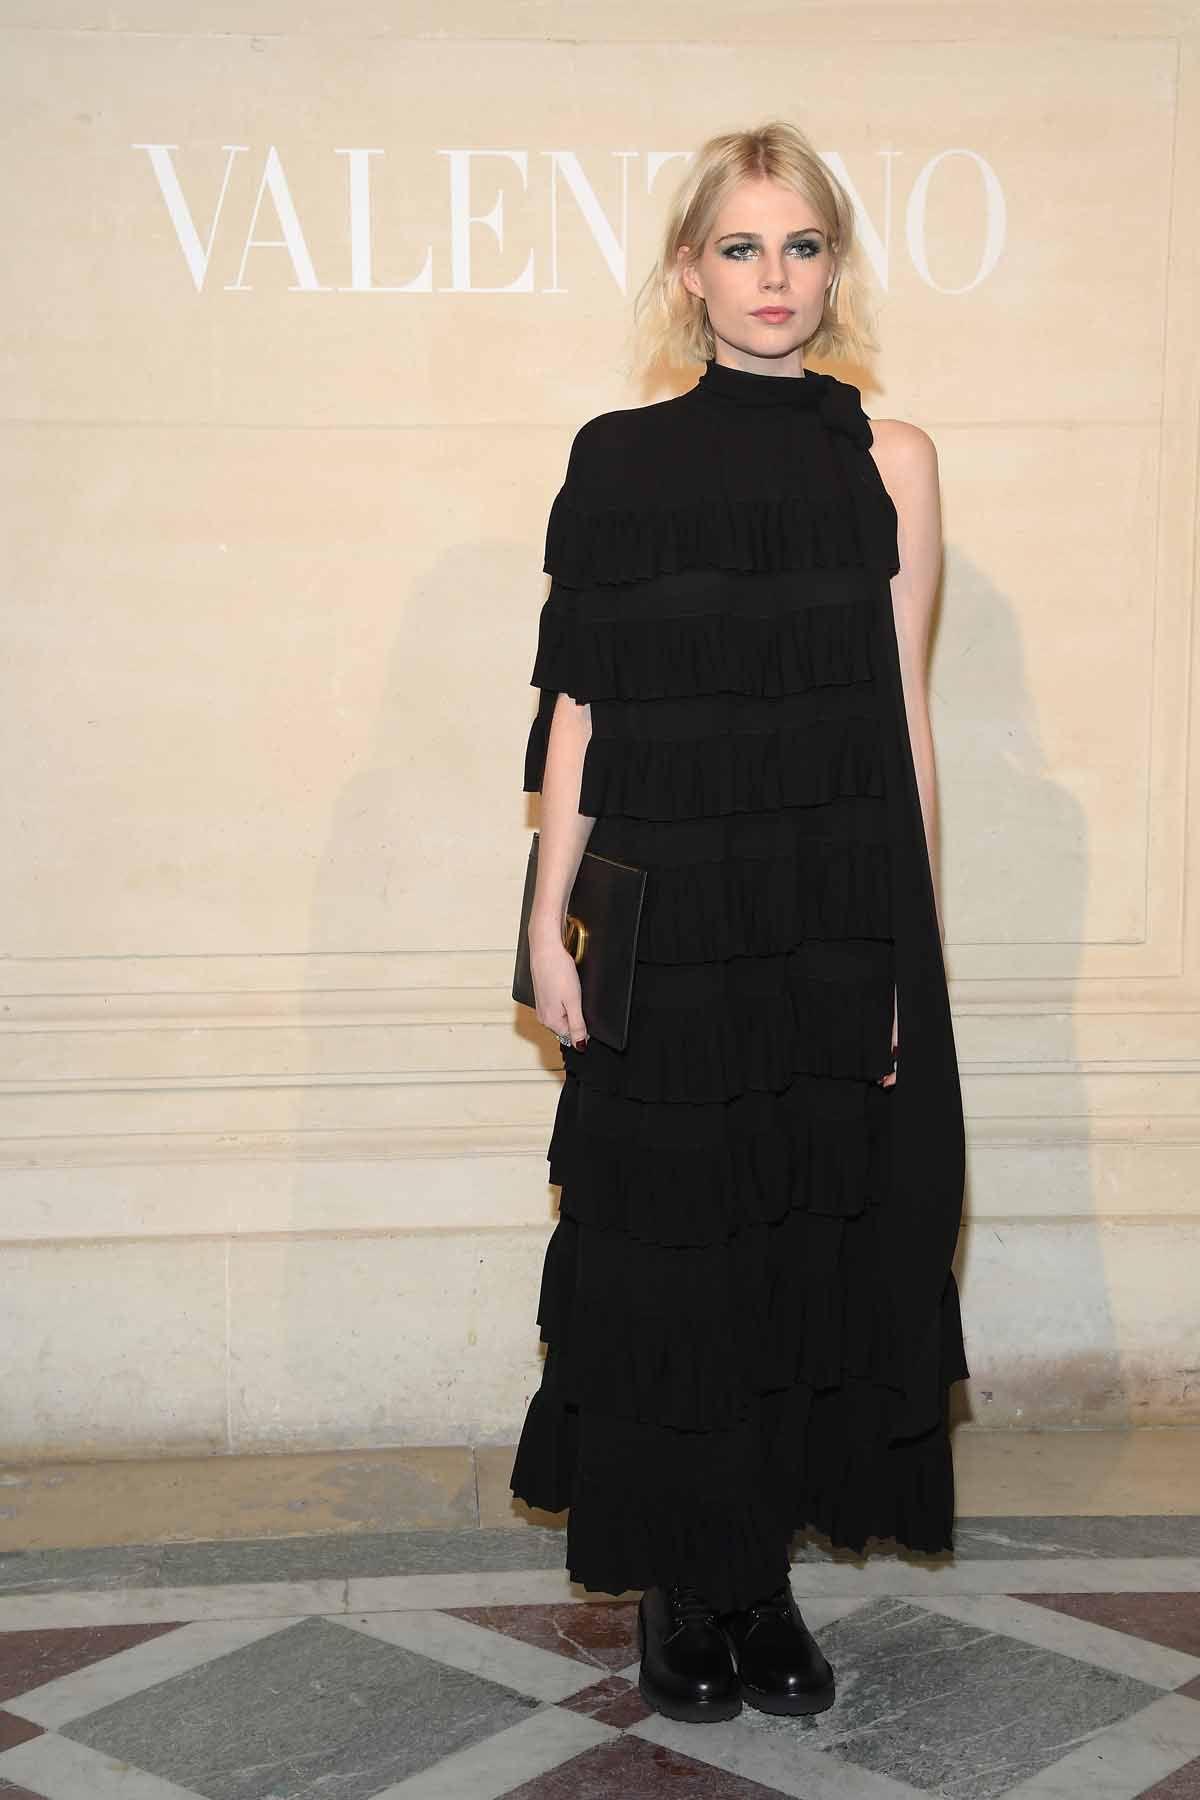 Dàn sao quốc tế đổ bộ Tuần lễ Thời trang Haute Couture Xuân - Hè 2019 16